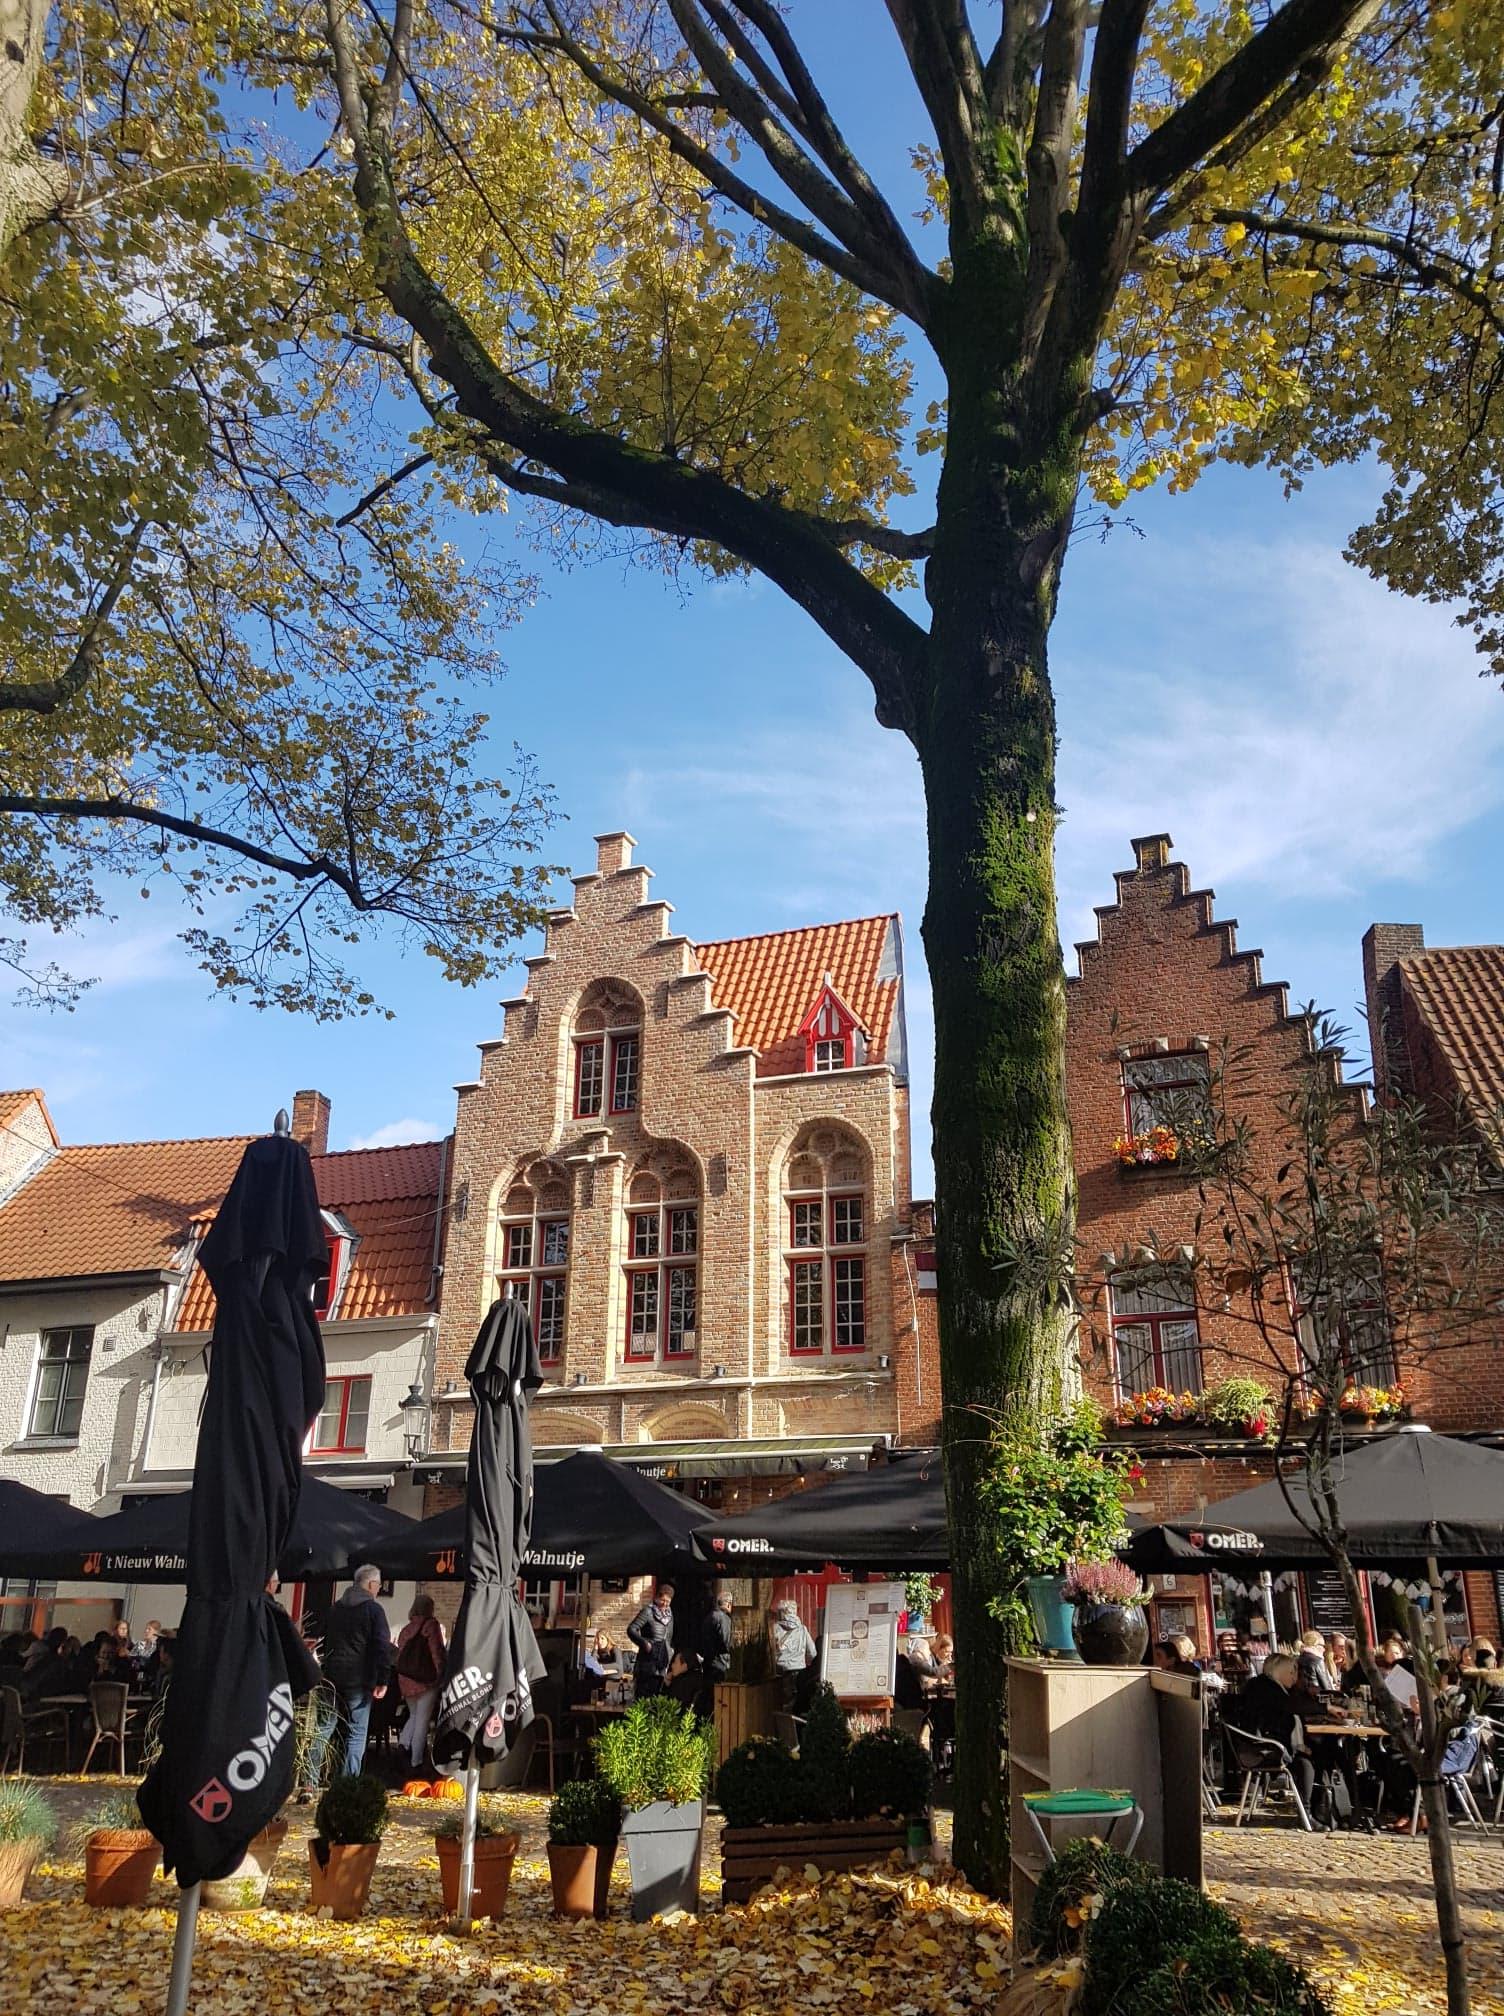 automne Bruges Belgique Clioandco blog voyage rue